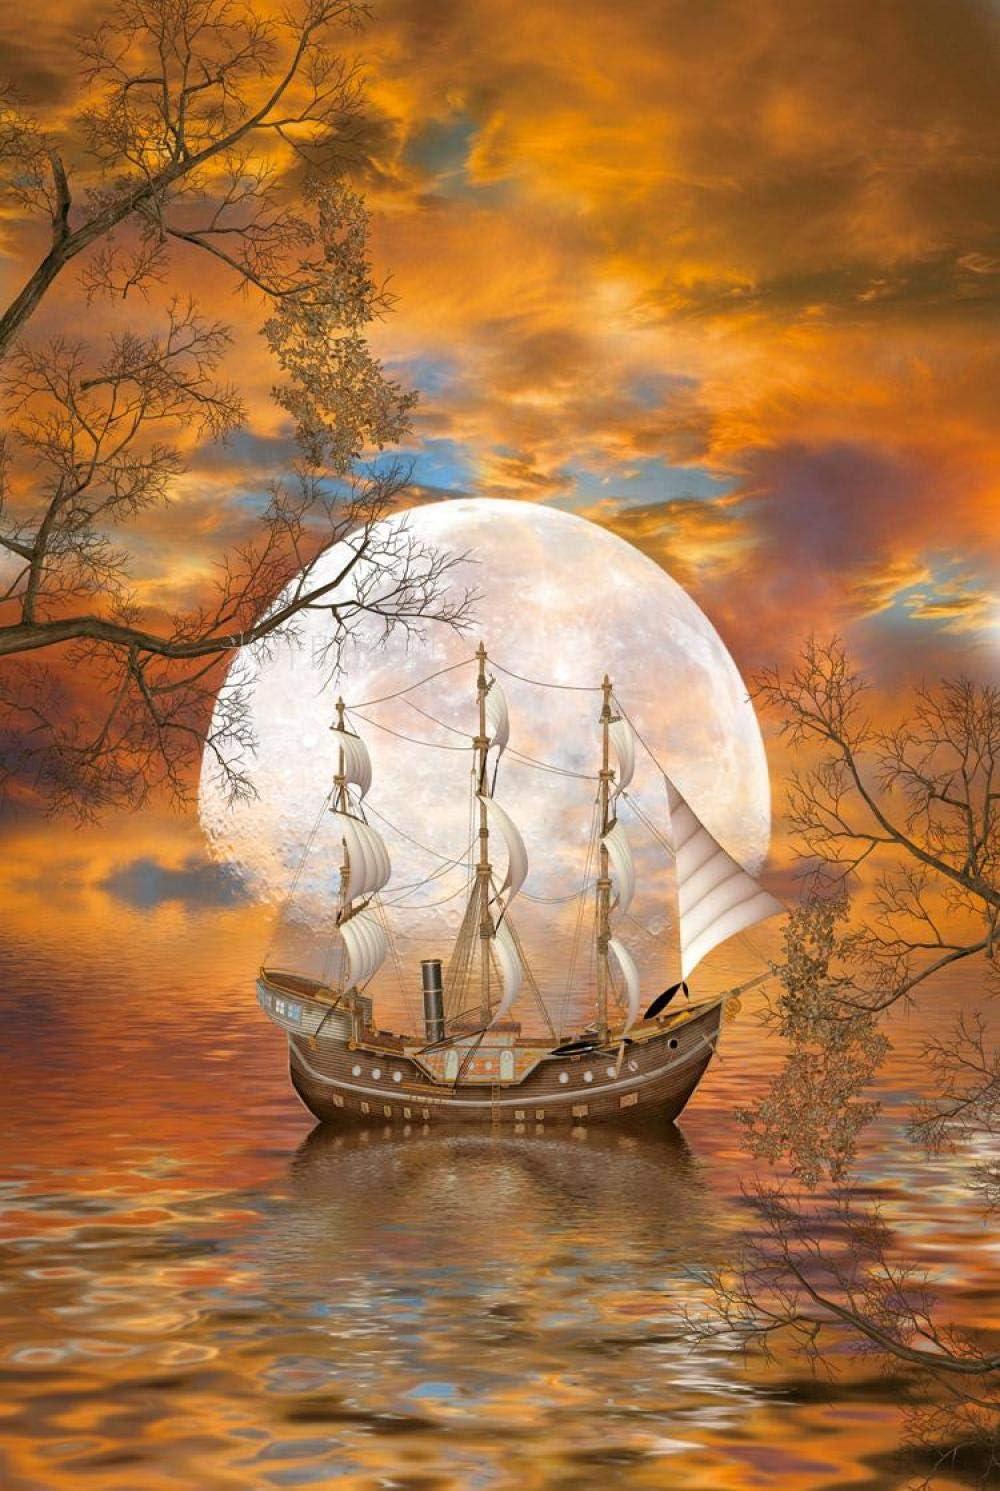 MTAMMD Puzzles Moon Boat De Madera 5000 Piezas Rompecabezas para Adultos 500/1000/2000 Piezas Juguetes De Poder Intelectual Regalos para Niños-1000Pieces: Amazon.es: Deportes y aire libre